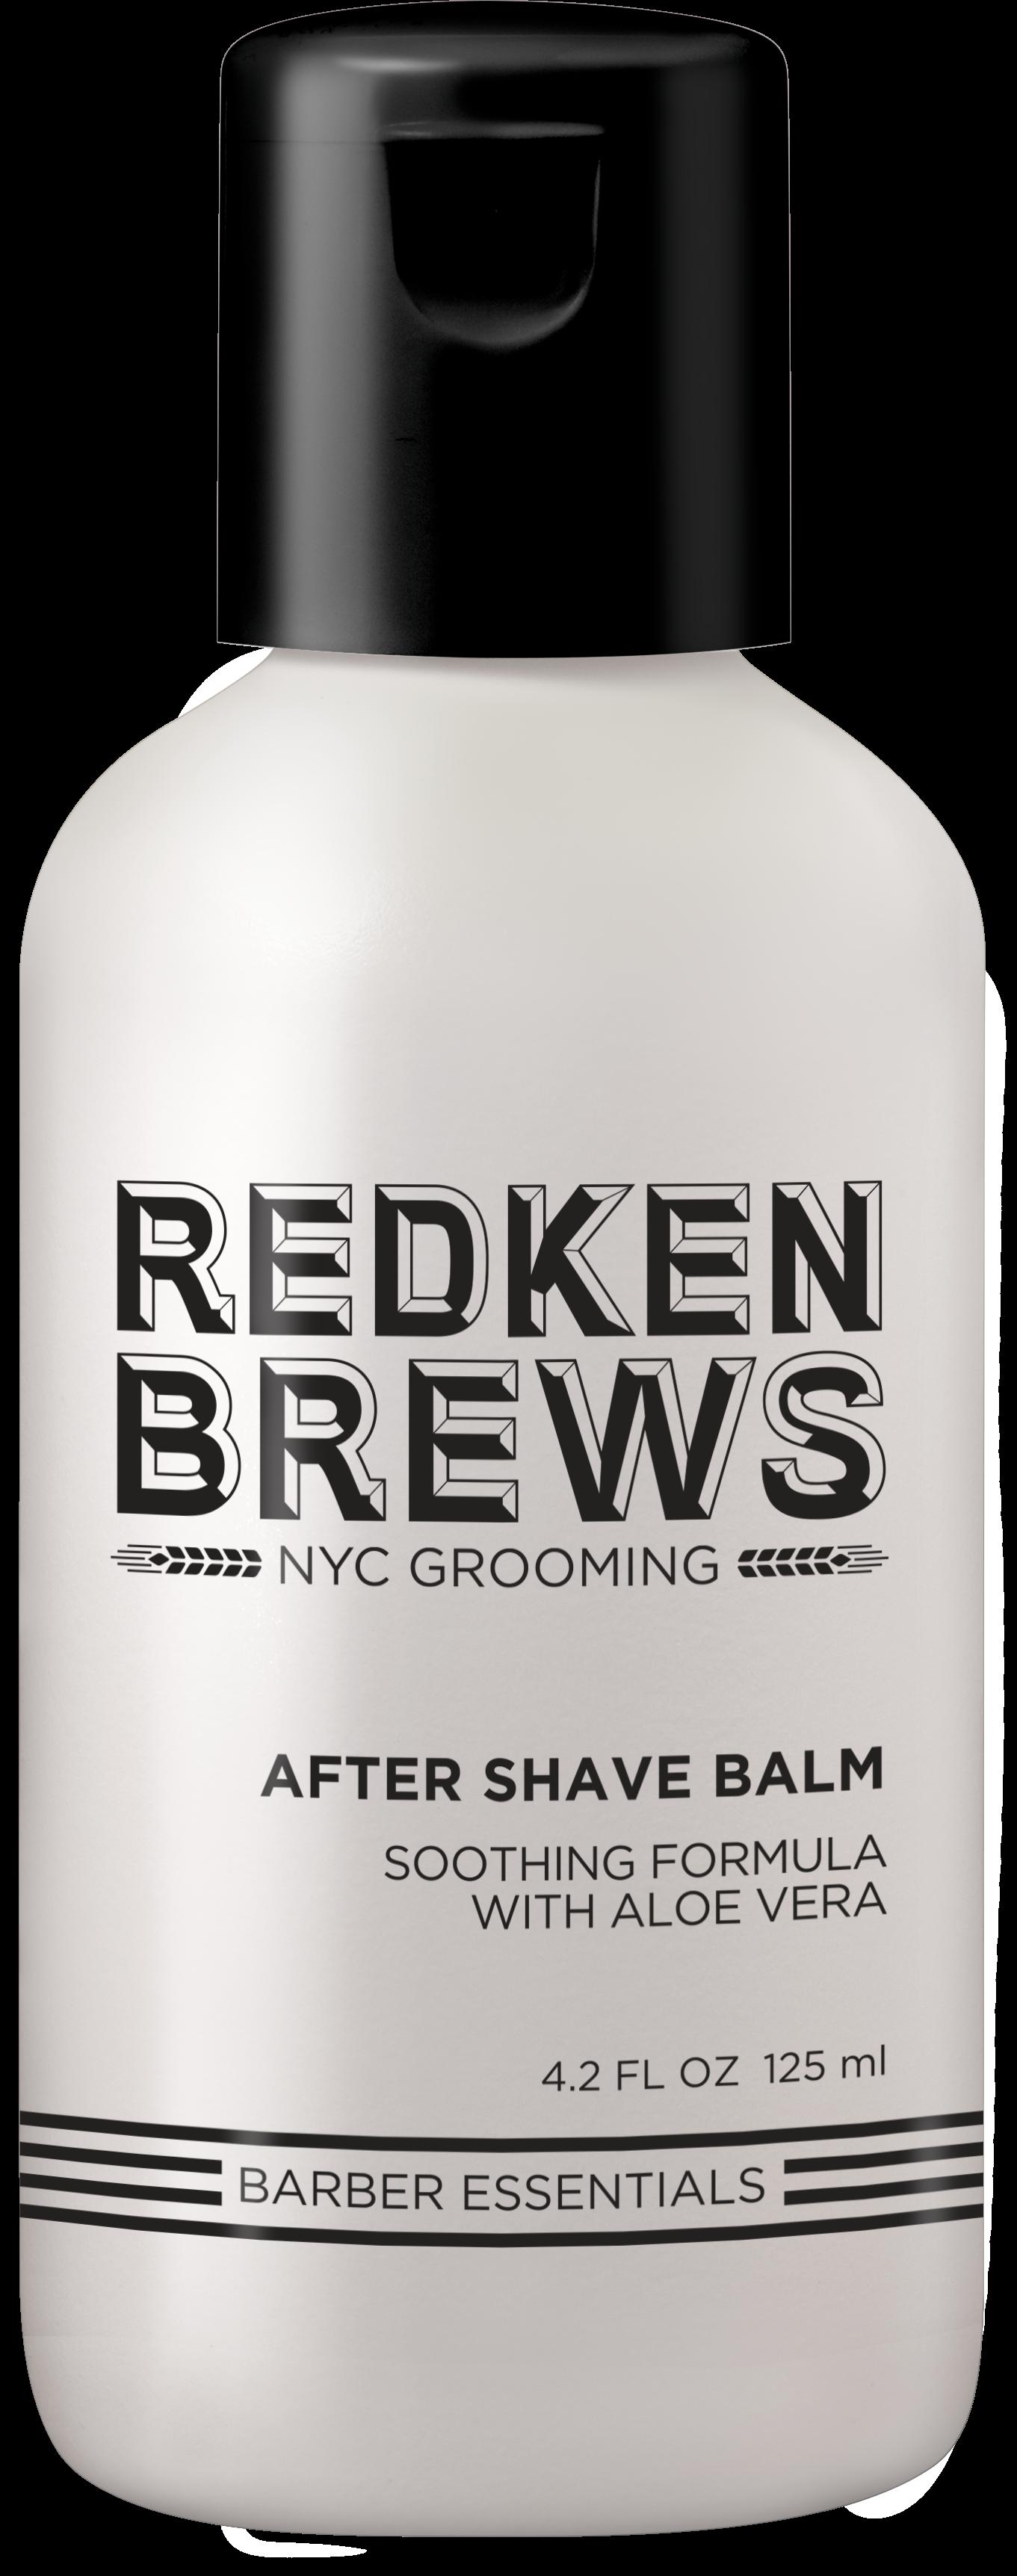 Redken Brews Бальзам Aftershave после Бритья, 125 мл бальзам после бритья орифлейм